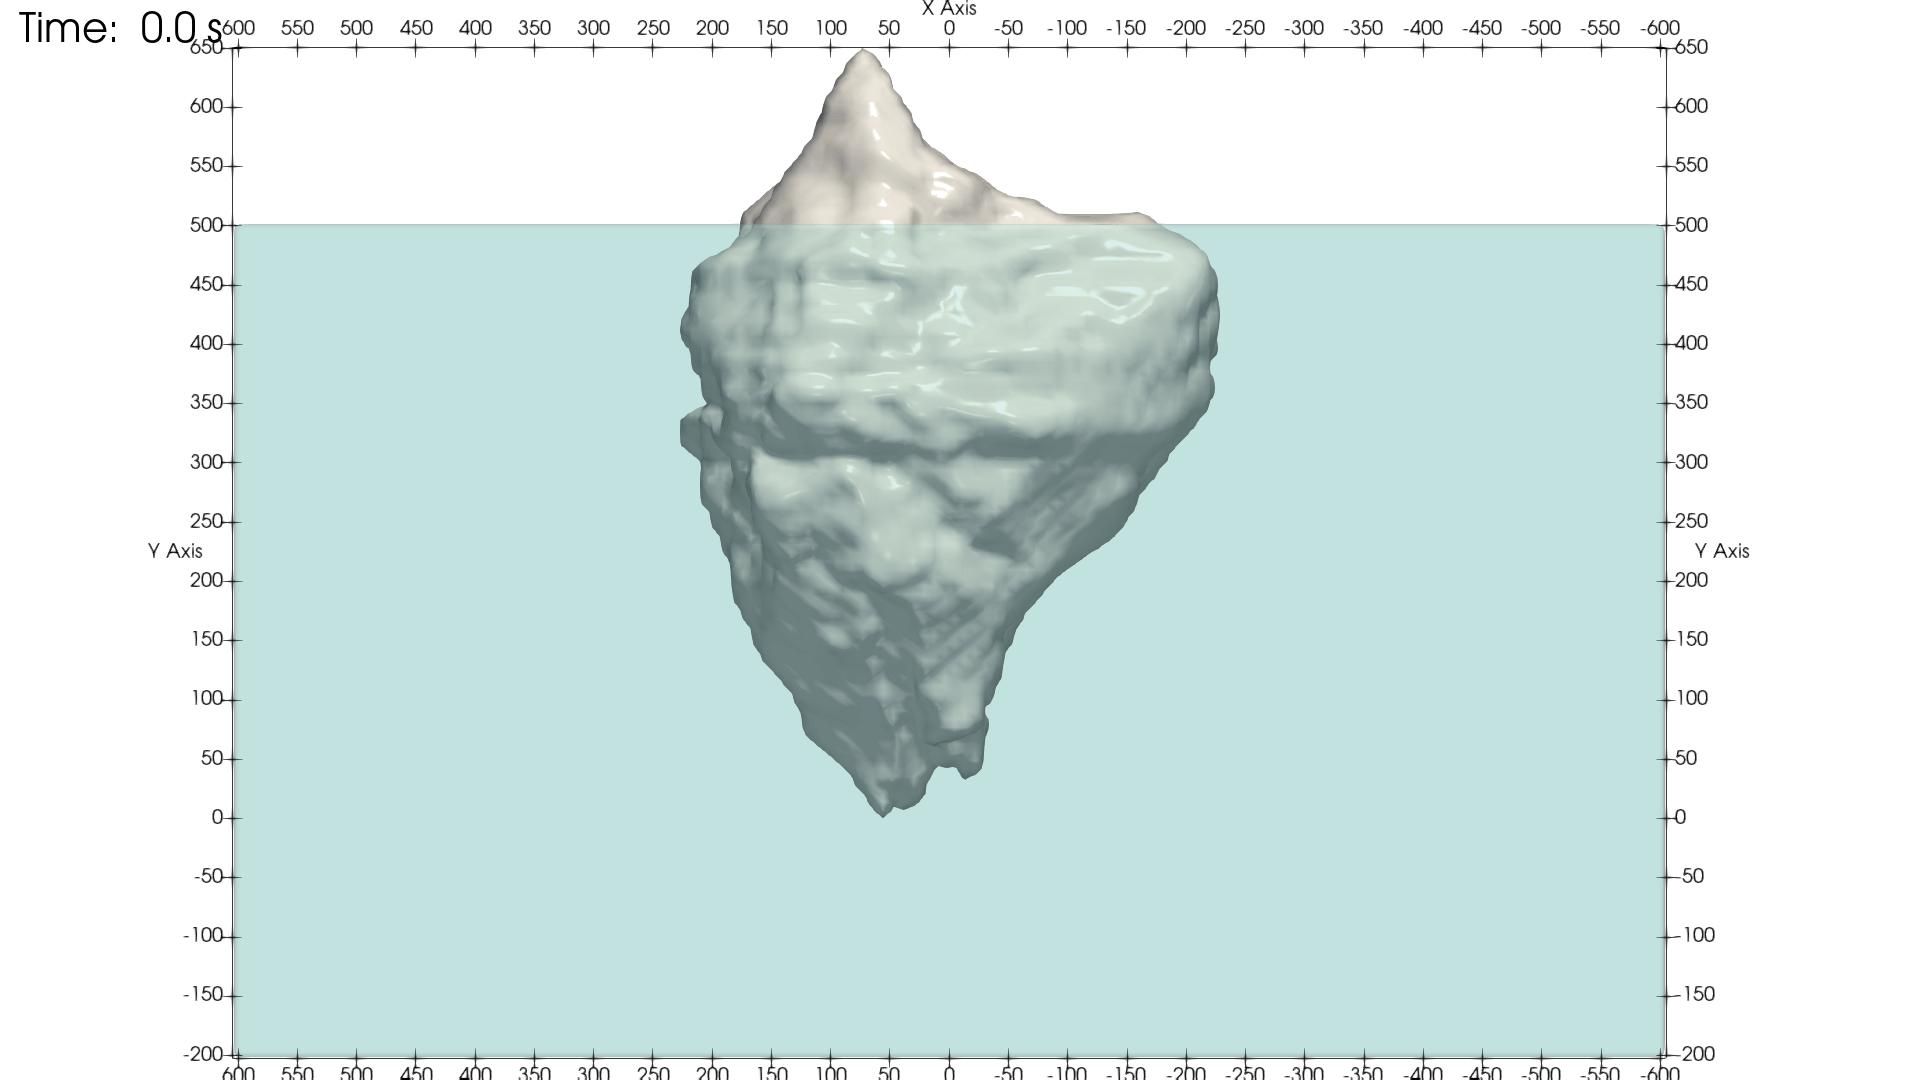 図1:氷山の初期位置。軸はXとYの座標をメートル単位で示している。重力はY軸の負の方向に作用している